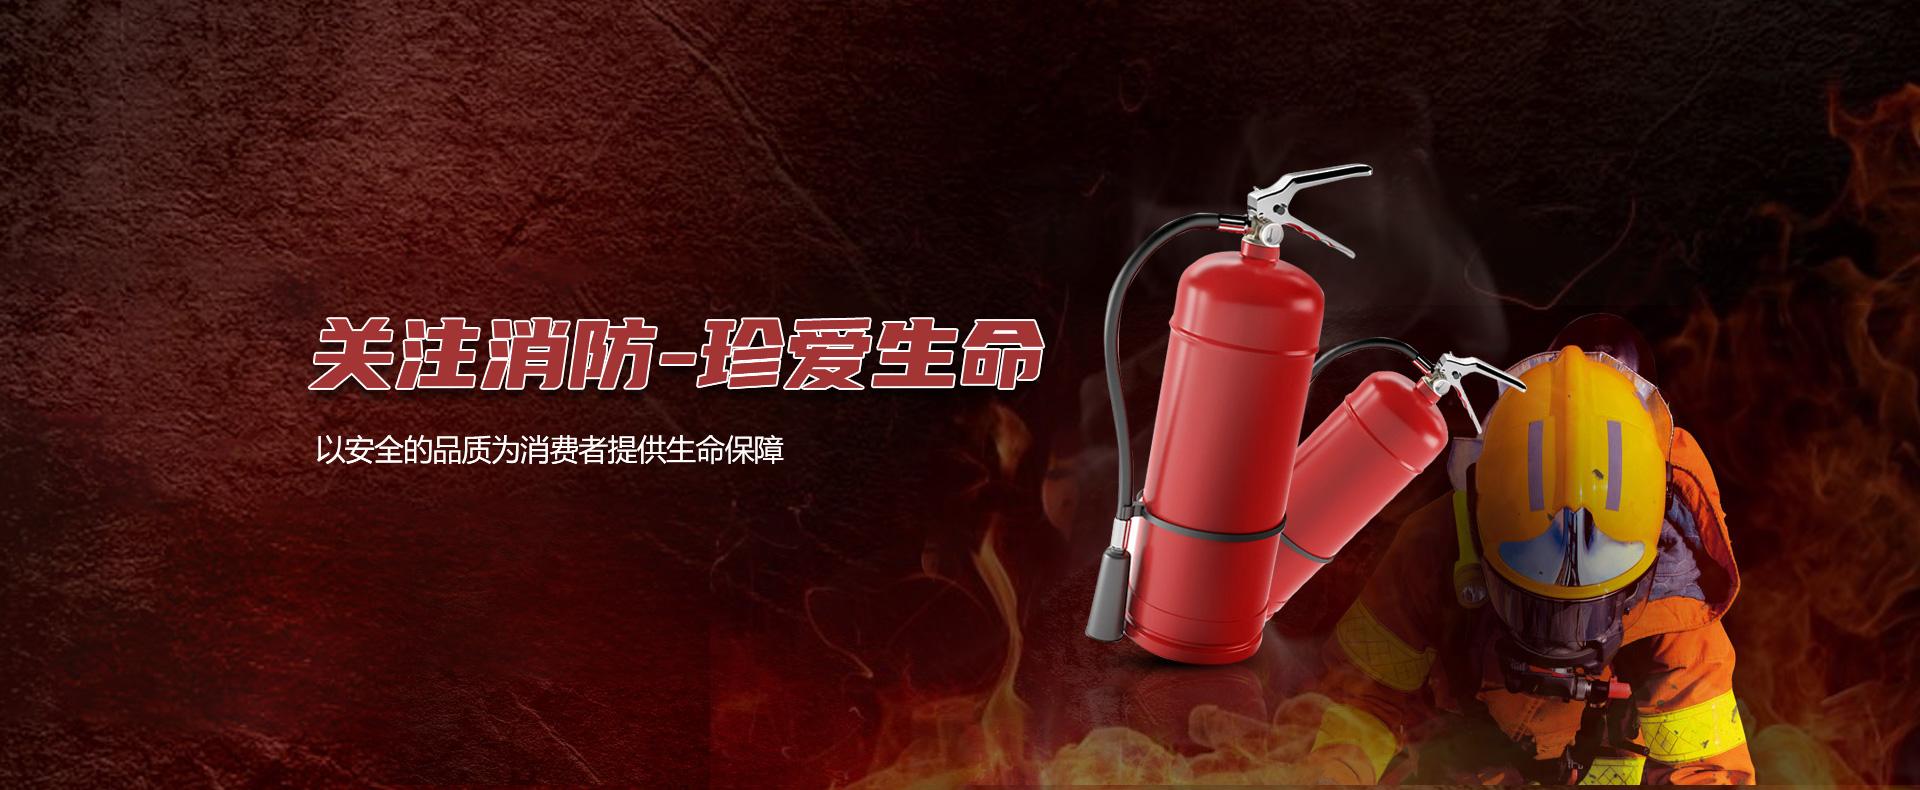 宁波消防器材